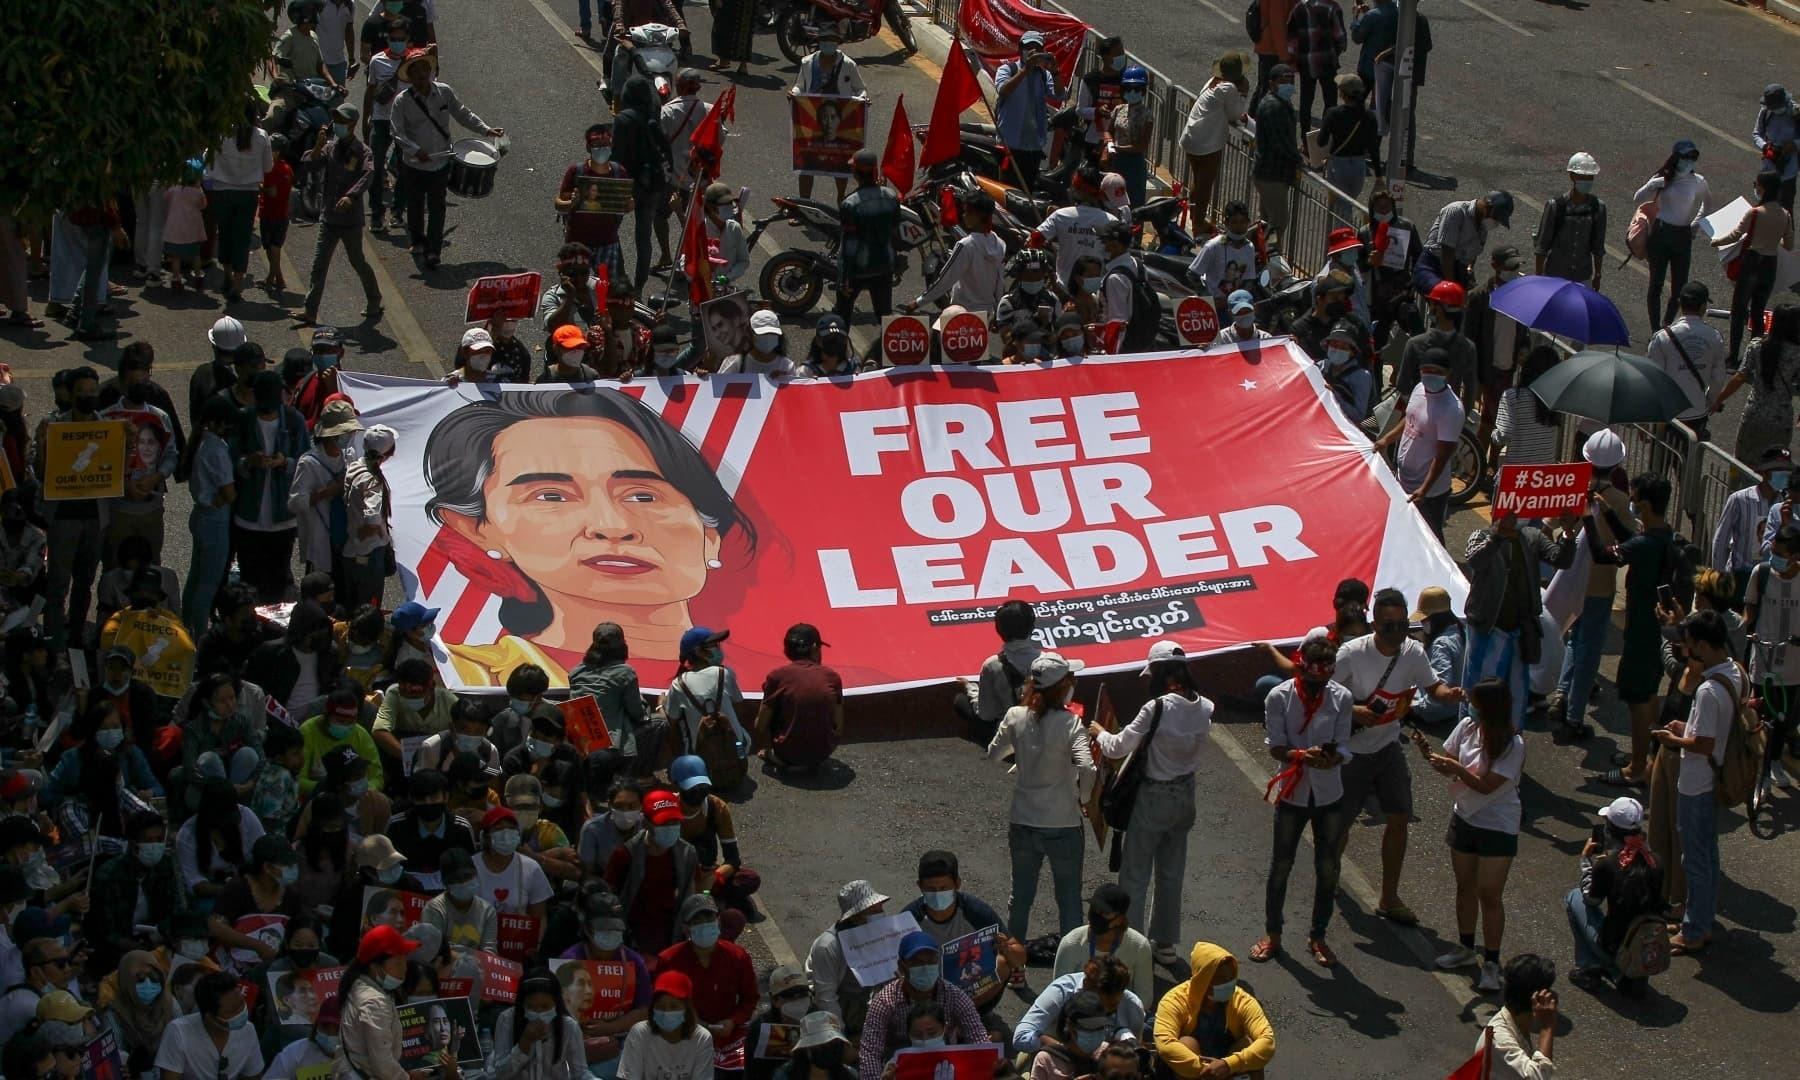 میانمار بھر میں آنگ سان سوچی کے حامیوں نے فوجی حکومت کو ماننے سے انکار کیا—فوٹو: اے پی